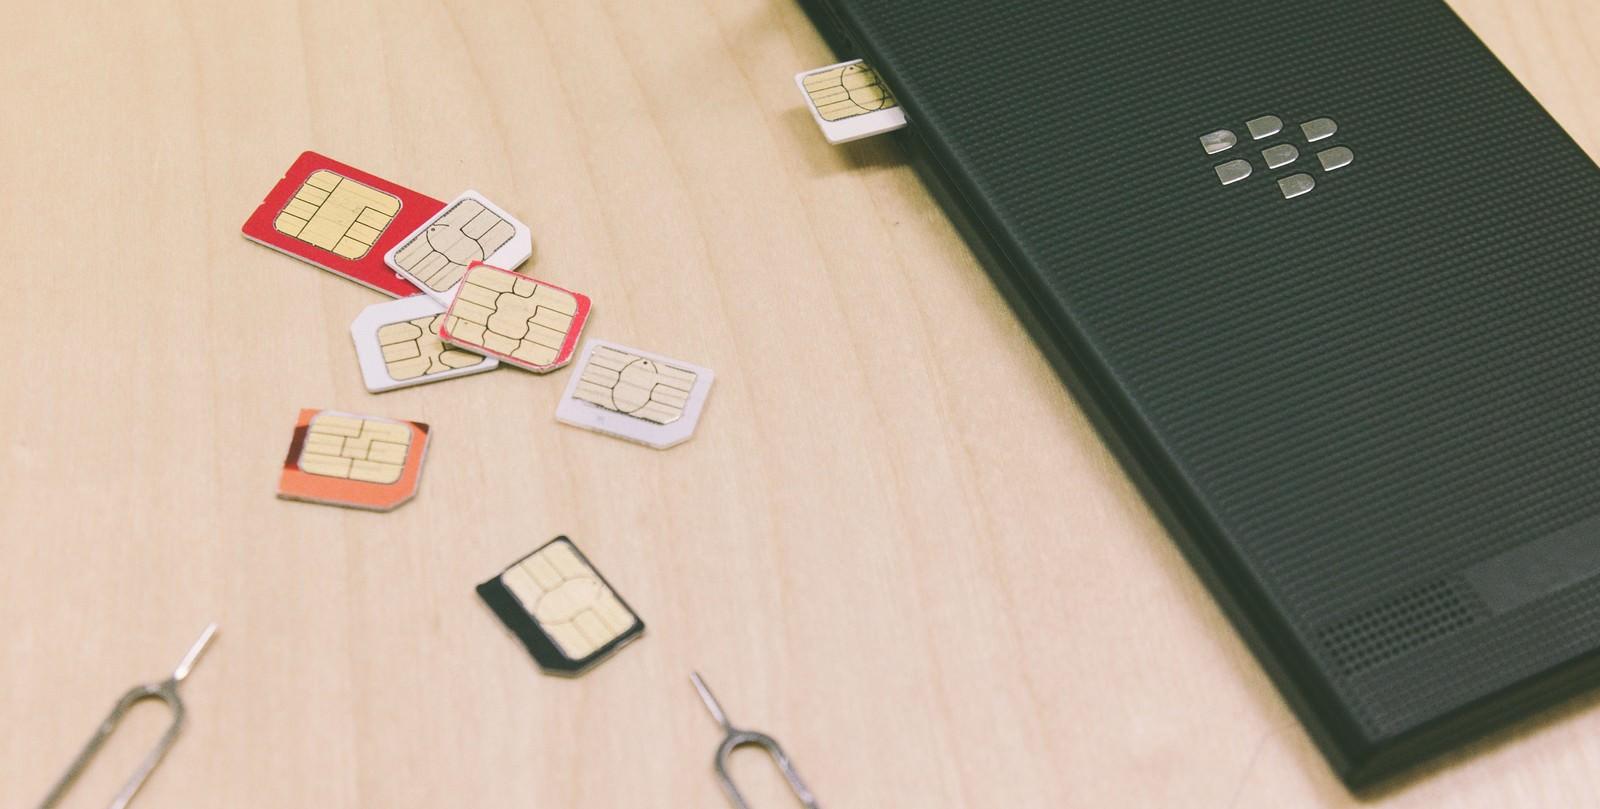 「散らばったSIMカード散らばったSIMカード」のフリー写真素材